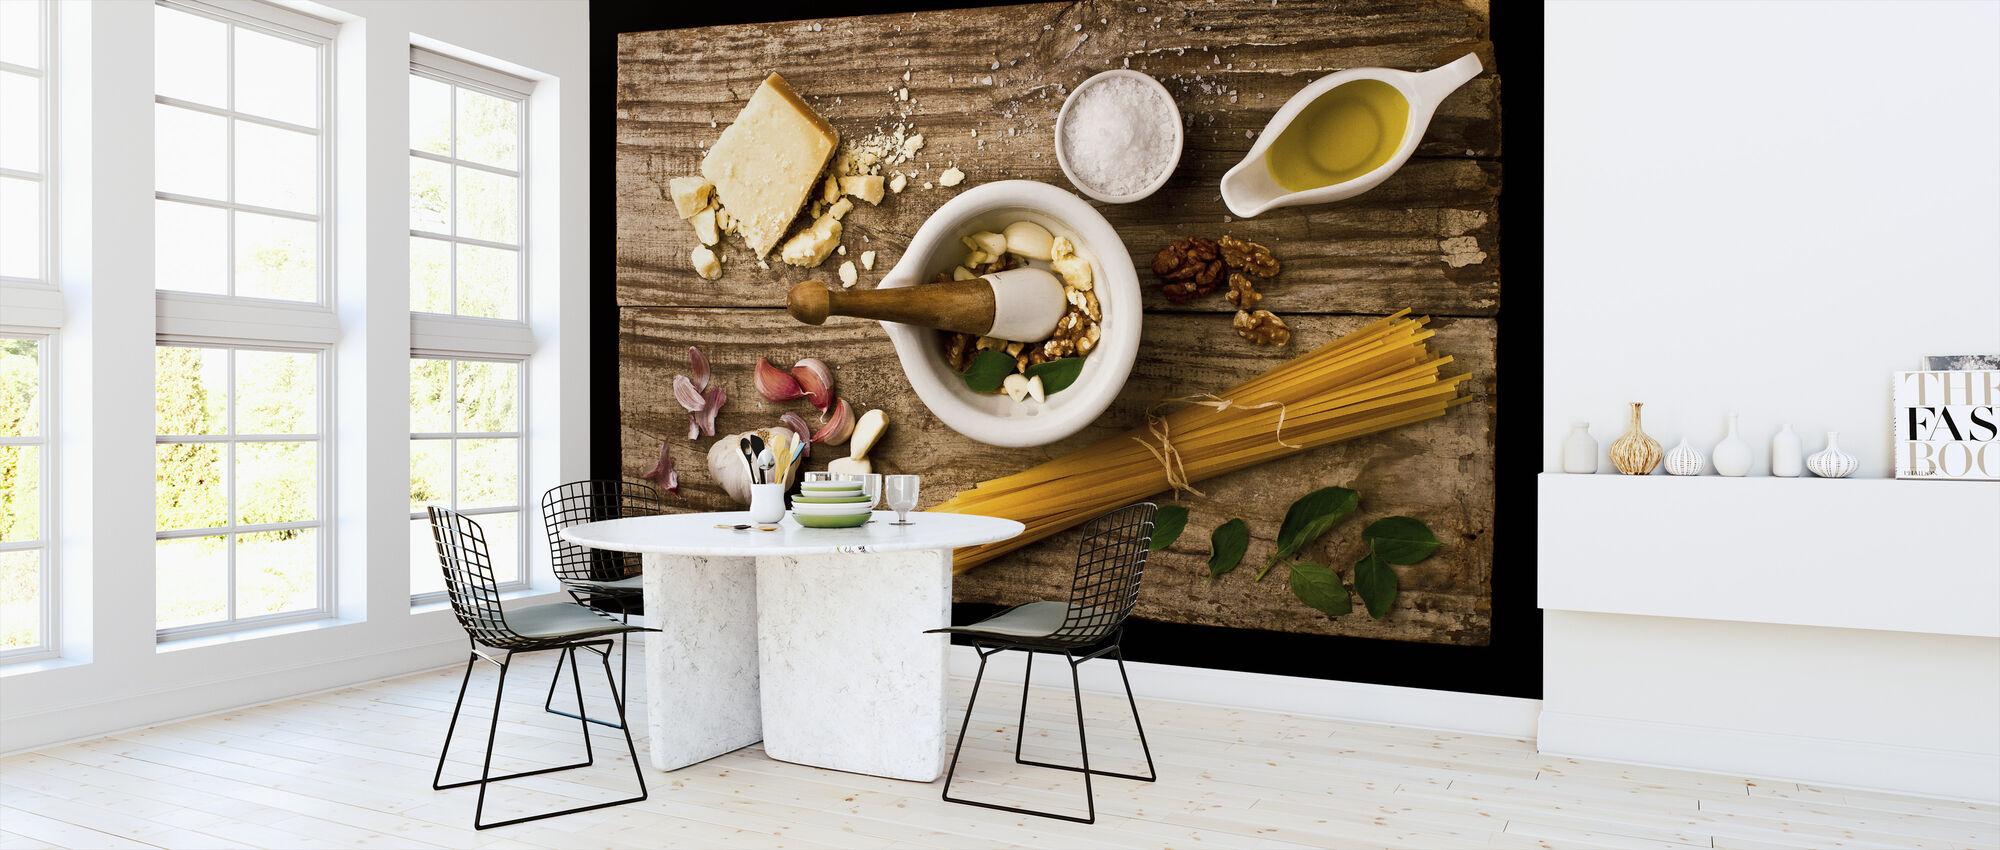 Pesto - Wallpaper - Kitchen